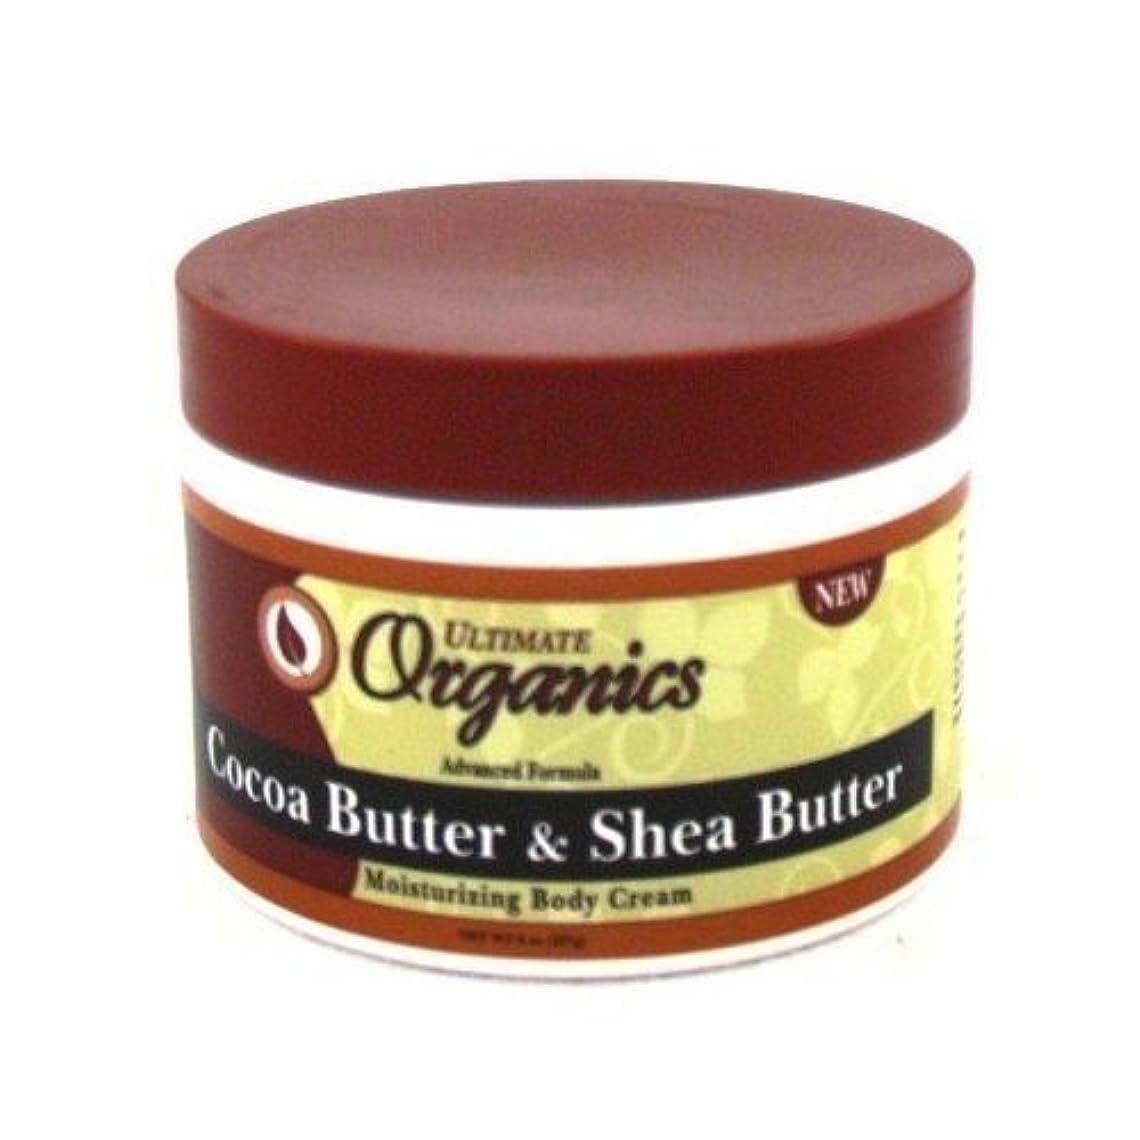 到着するトリッキー才能Ultimate Organics Cocoa Butter & Shea Butter Body Cream 235 ml (並行輸入品)